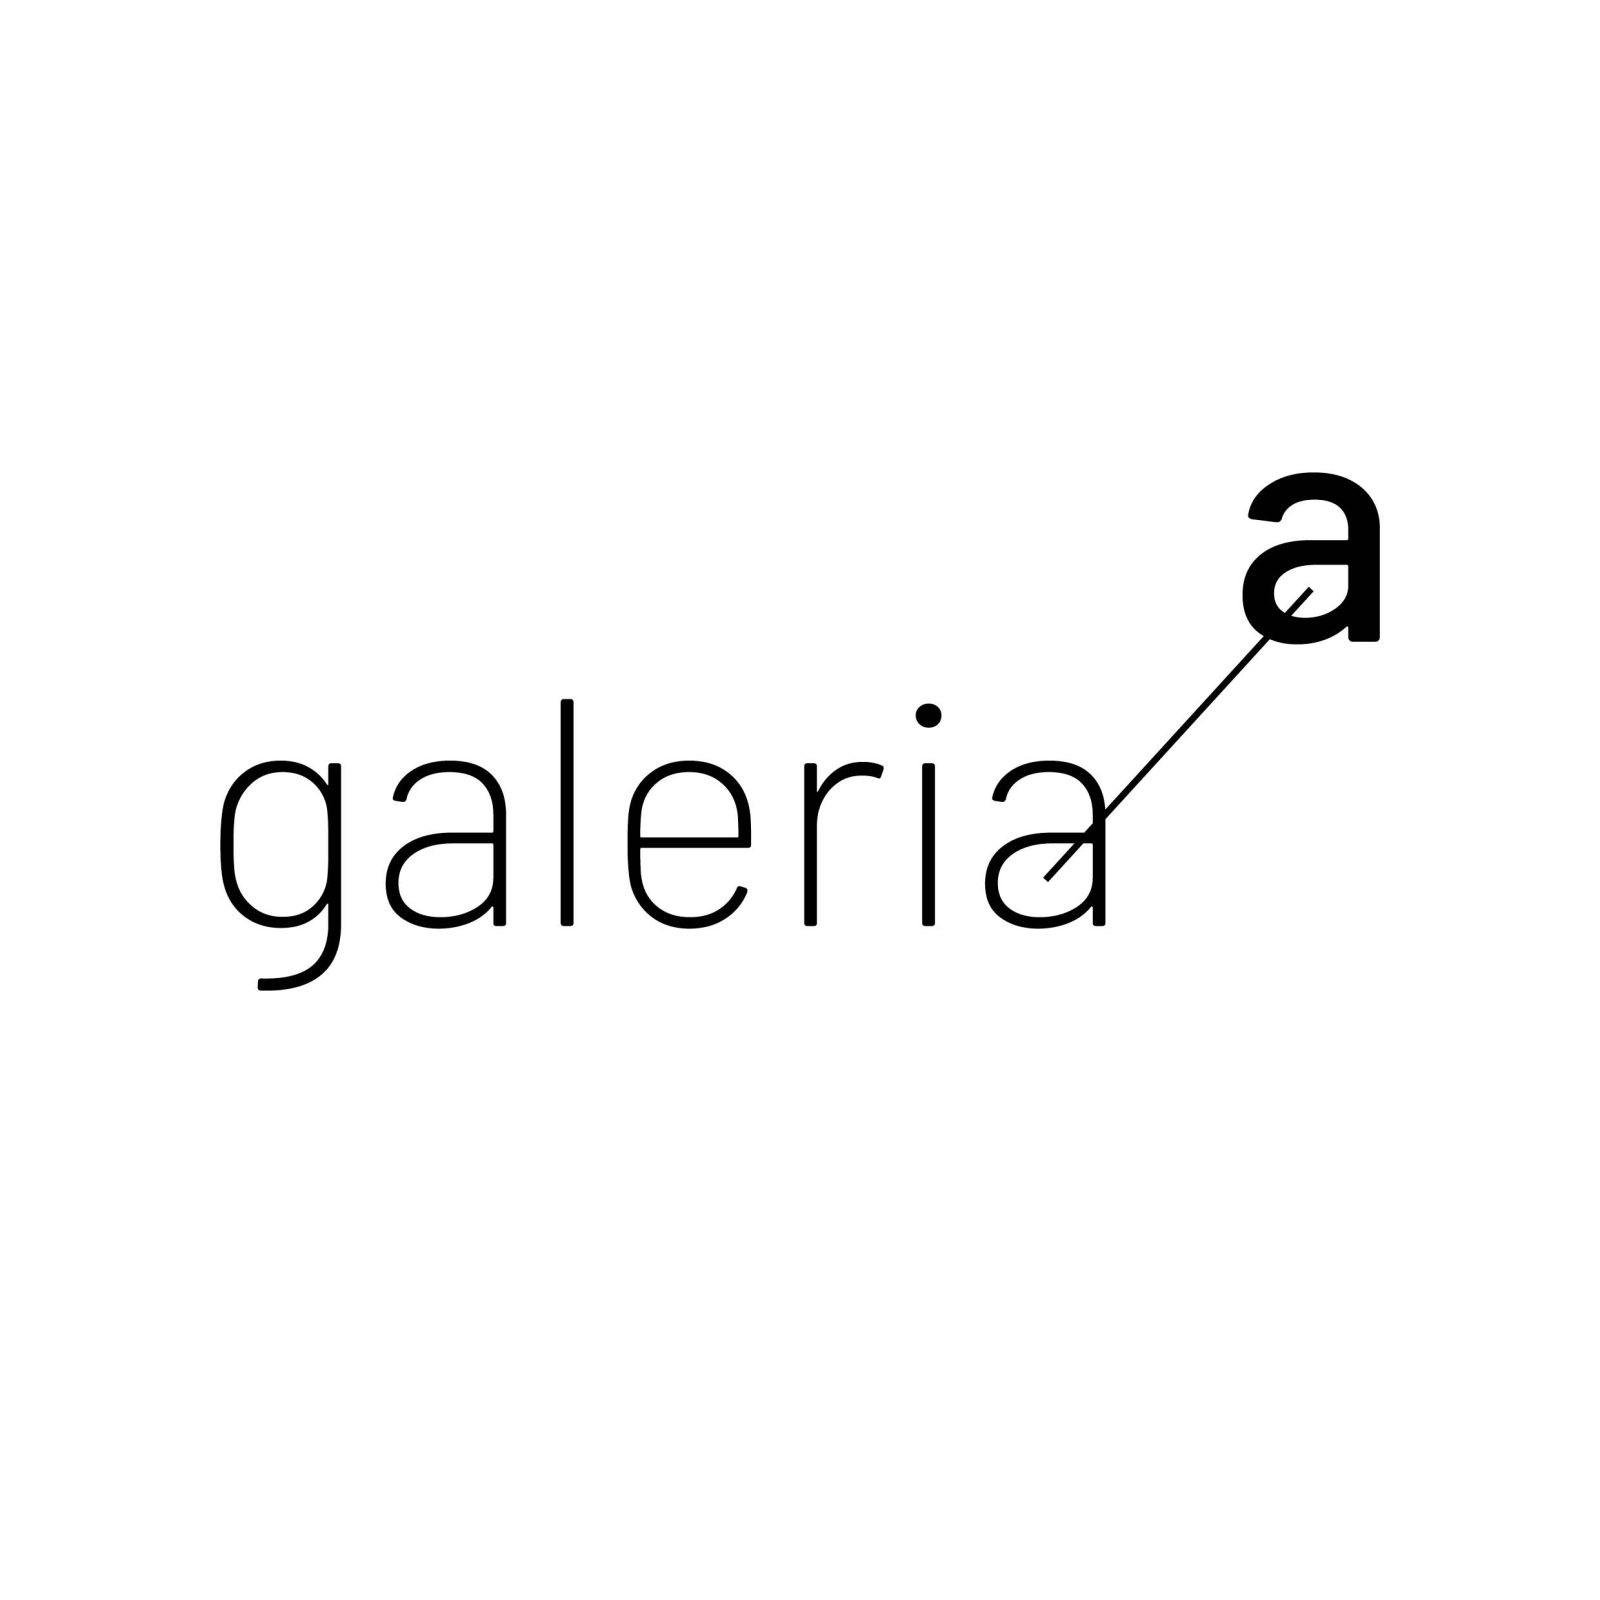 galeria.a